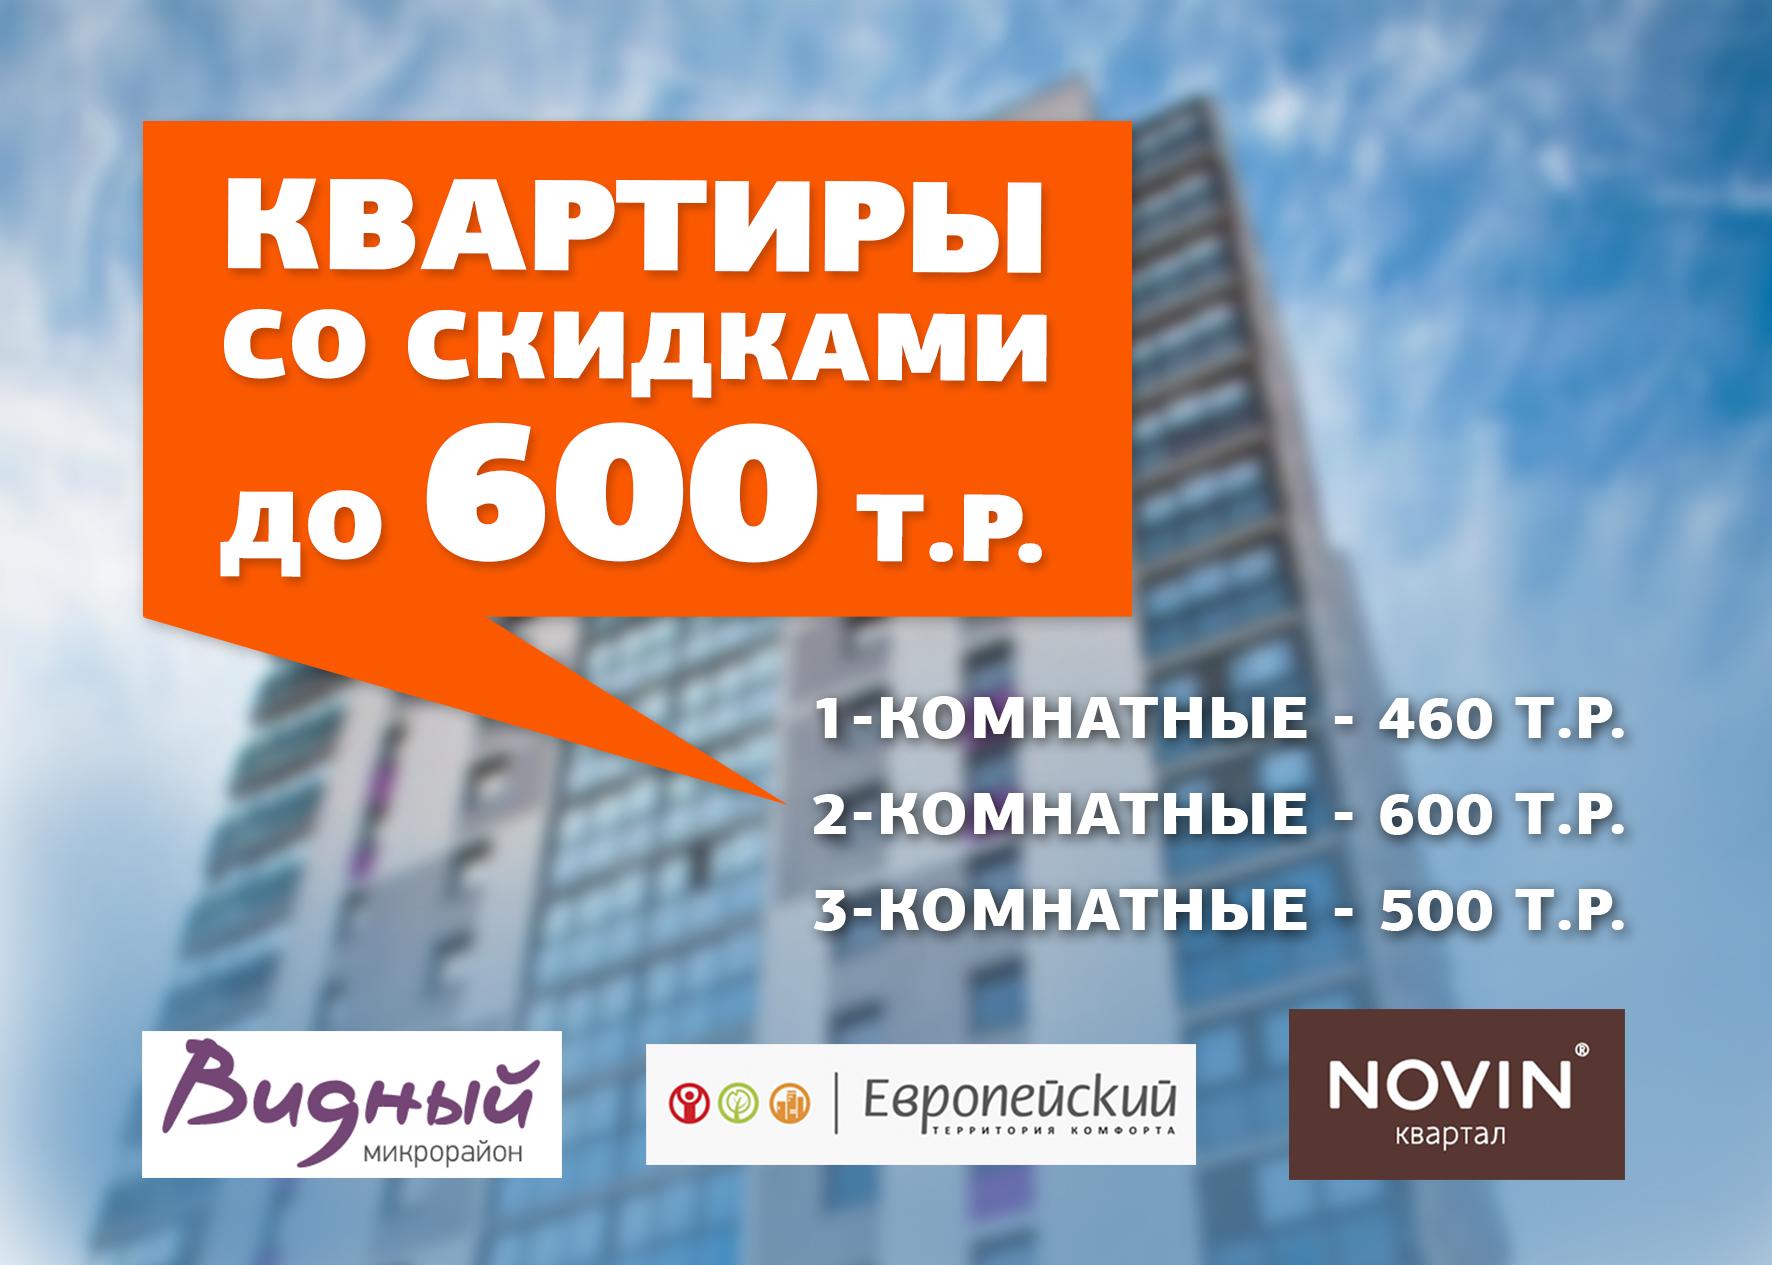 Квартиры в Тюмени со скидками до 600 тысяч рублей!